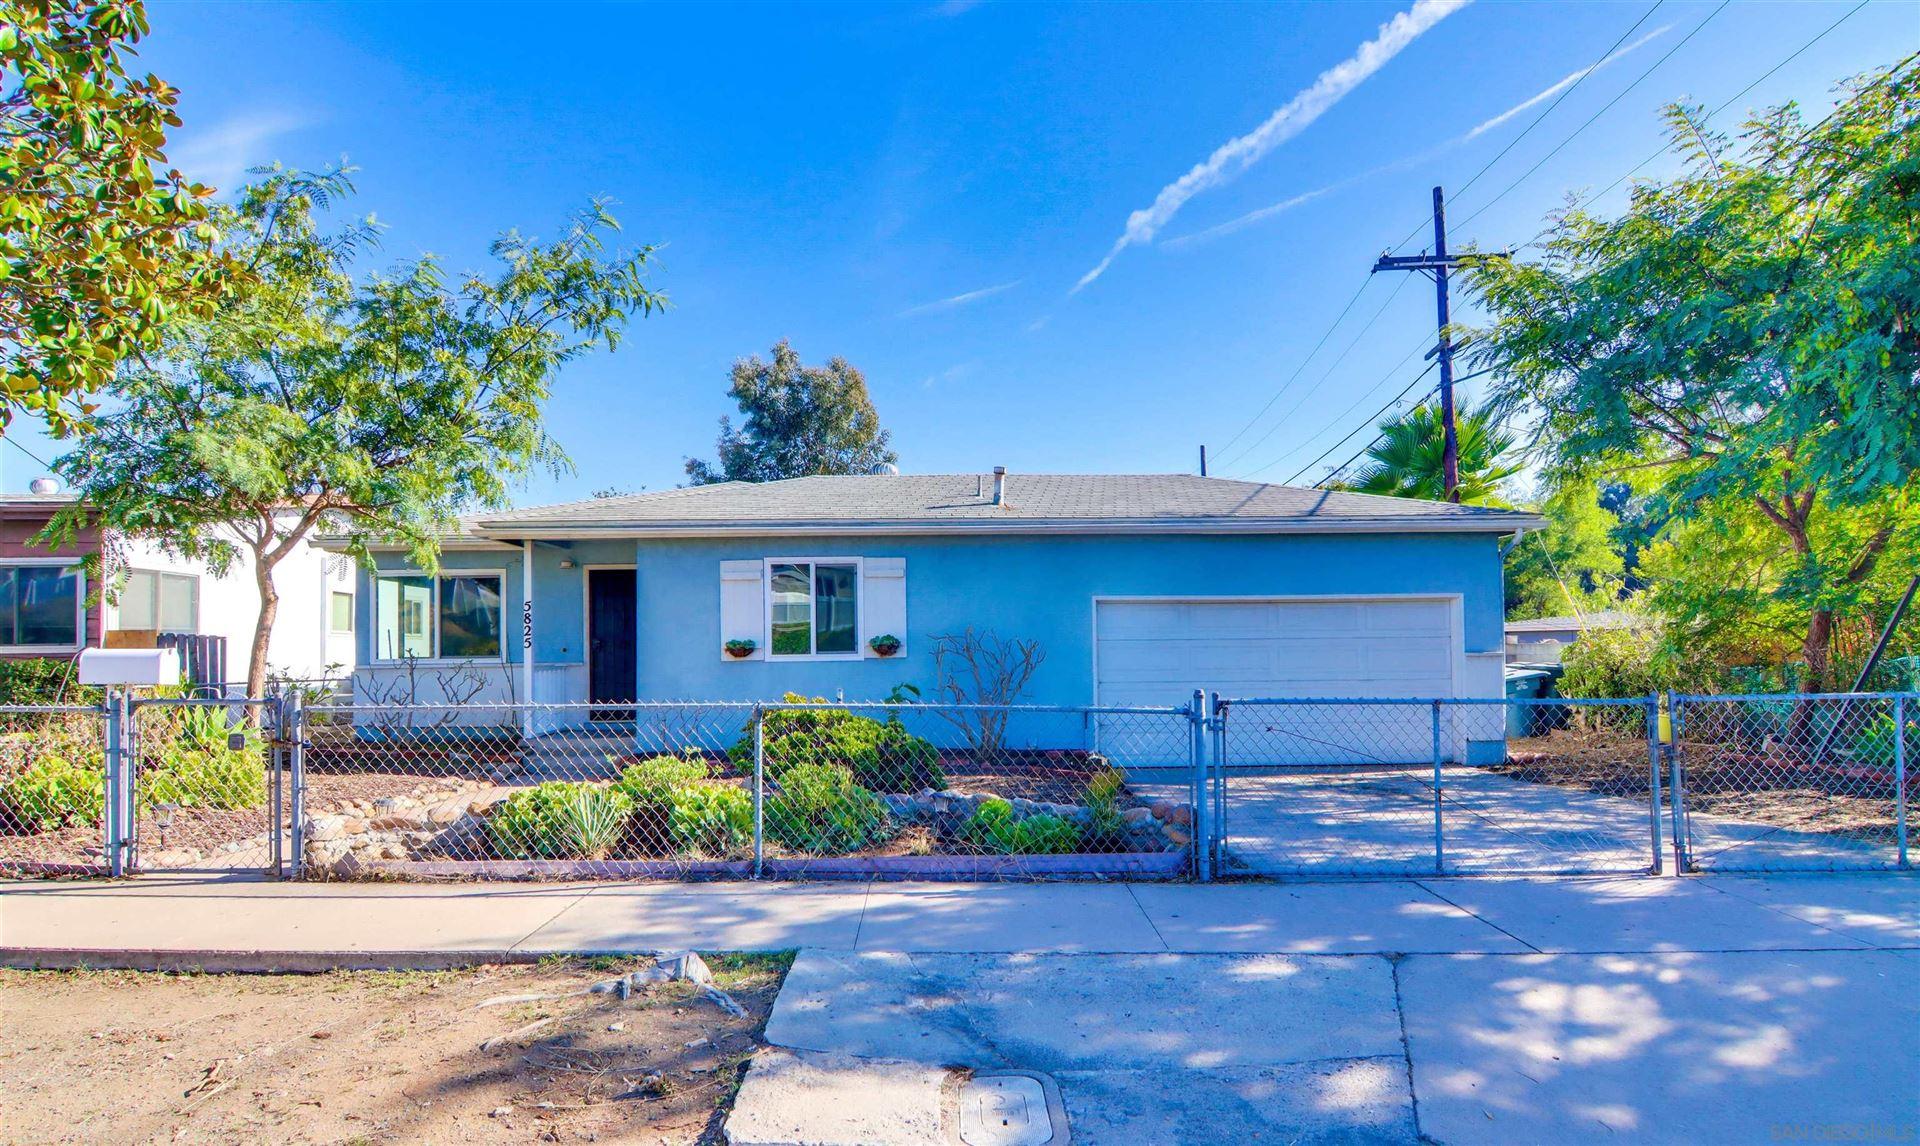 Photo of 5825 AMAYA, La Mesa, CA 91942 (MLS # 210029601)